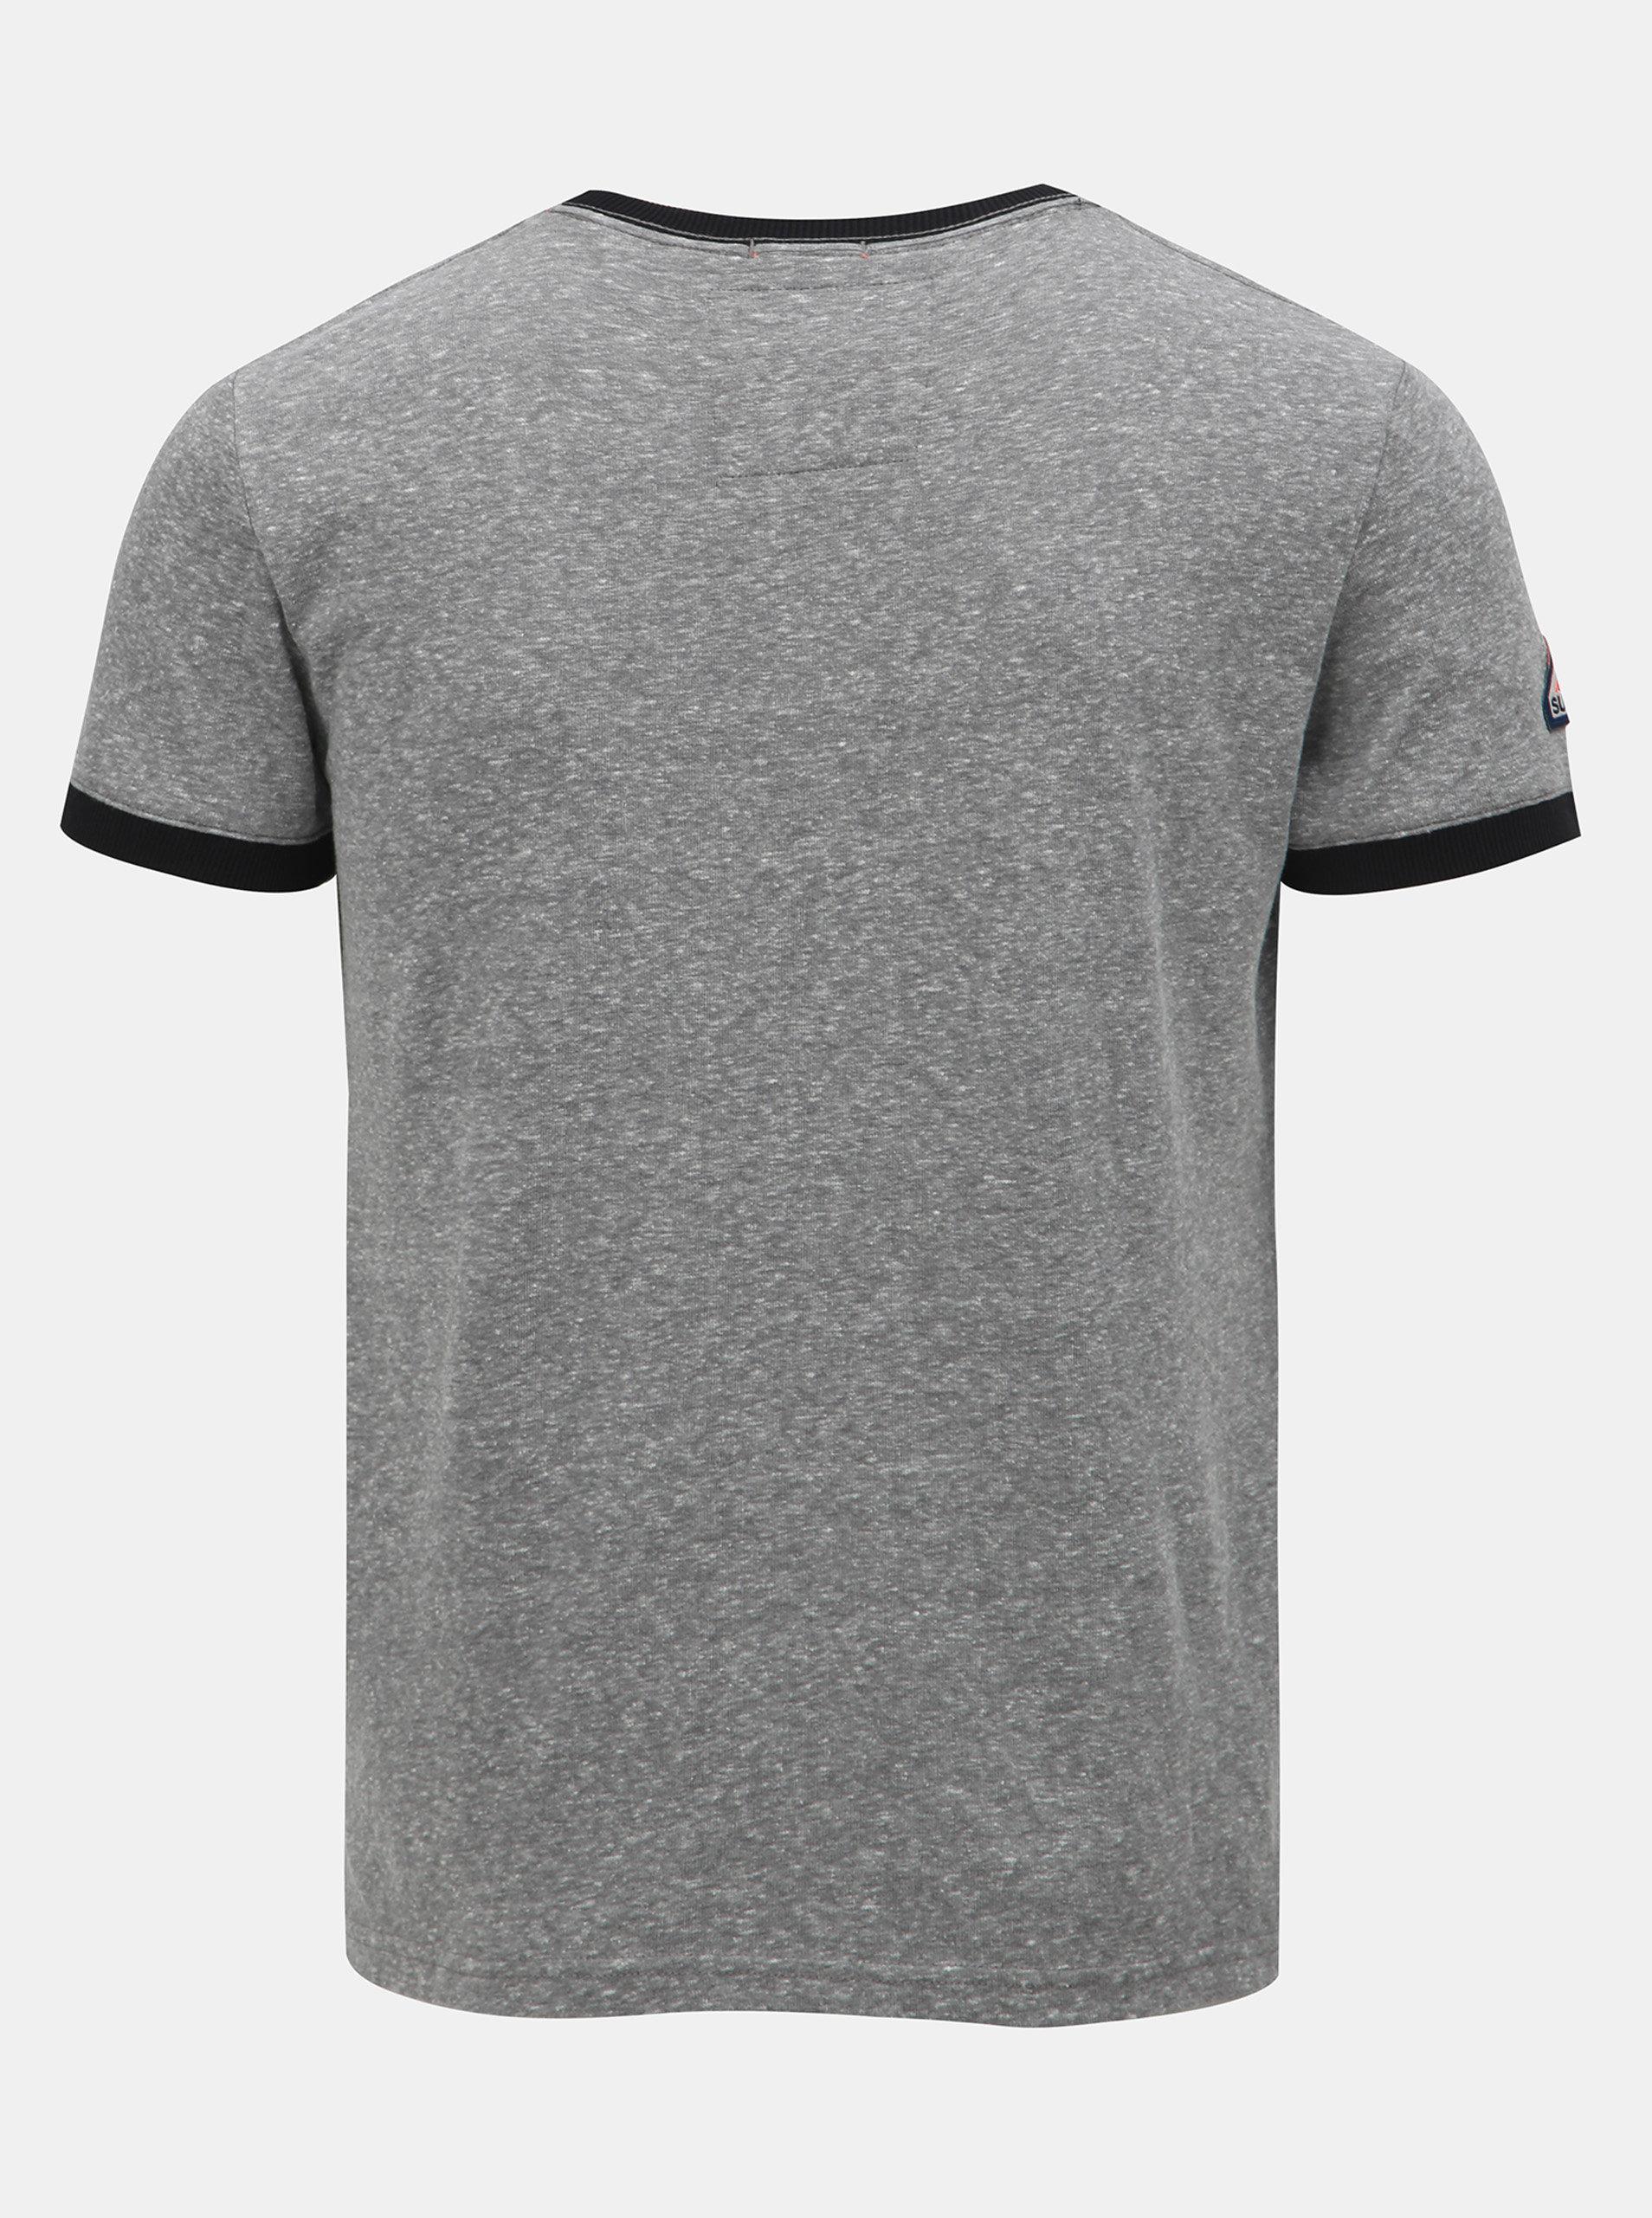 92f0fcbf8a4b Tmavě šedé pánské žíhané tričko s potiskem Superdry ...